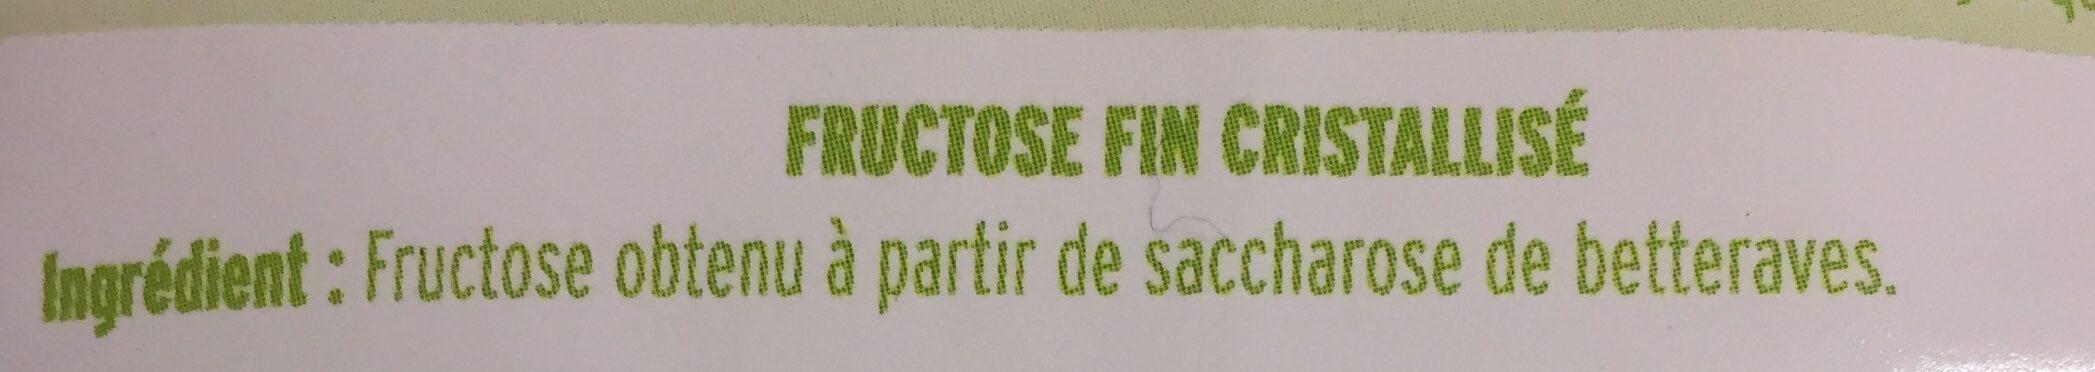 Fructose fin cristalisé - Ingrédients - fr